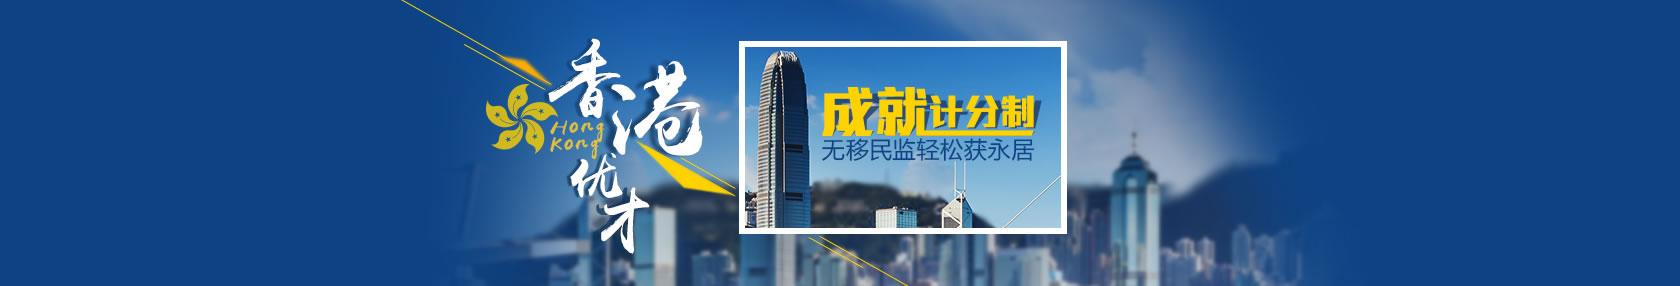 香港优才计划,采取成就计分制无移民监轻松获香港永居身份